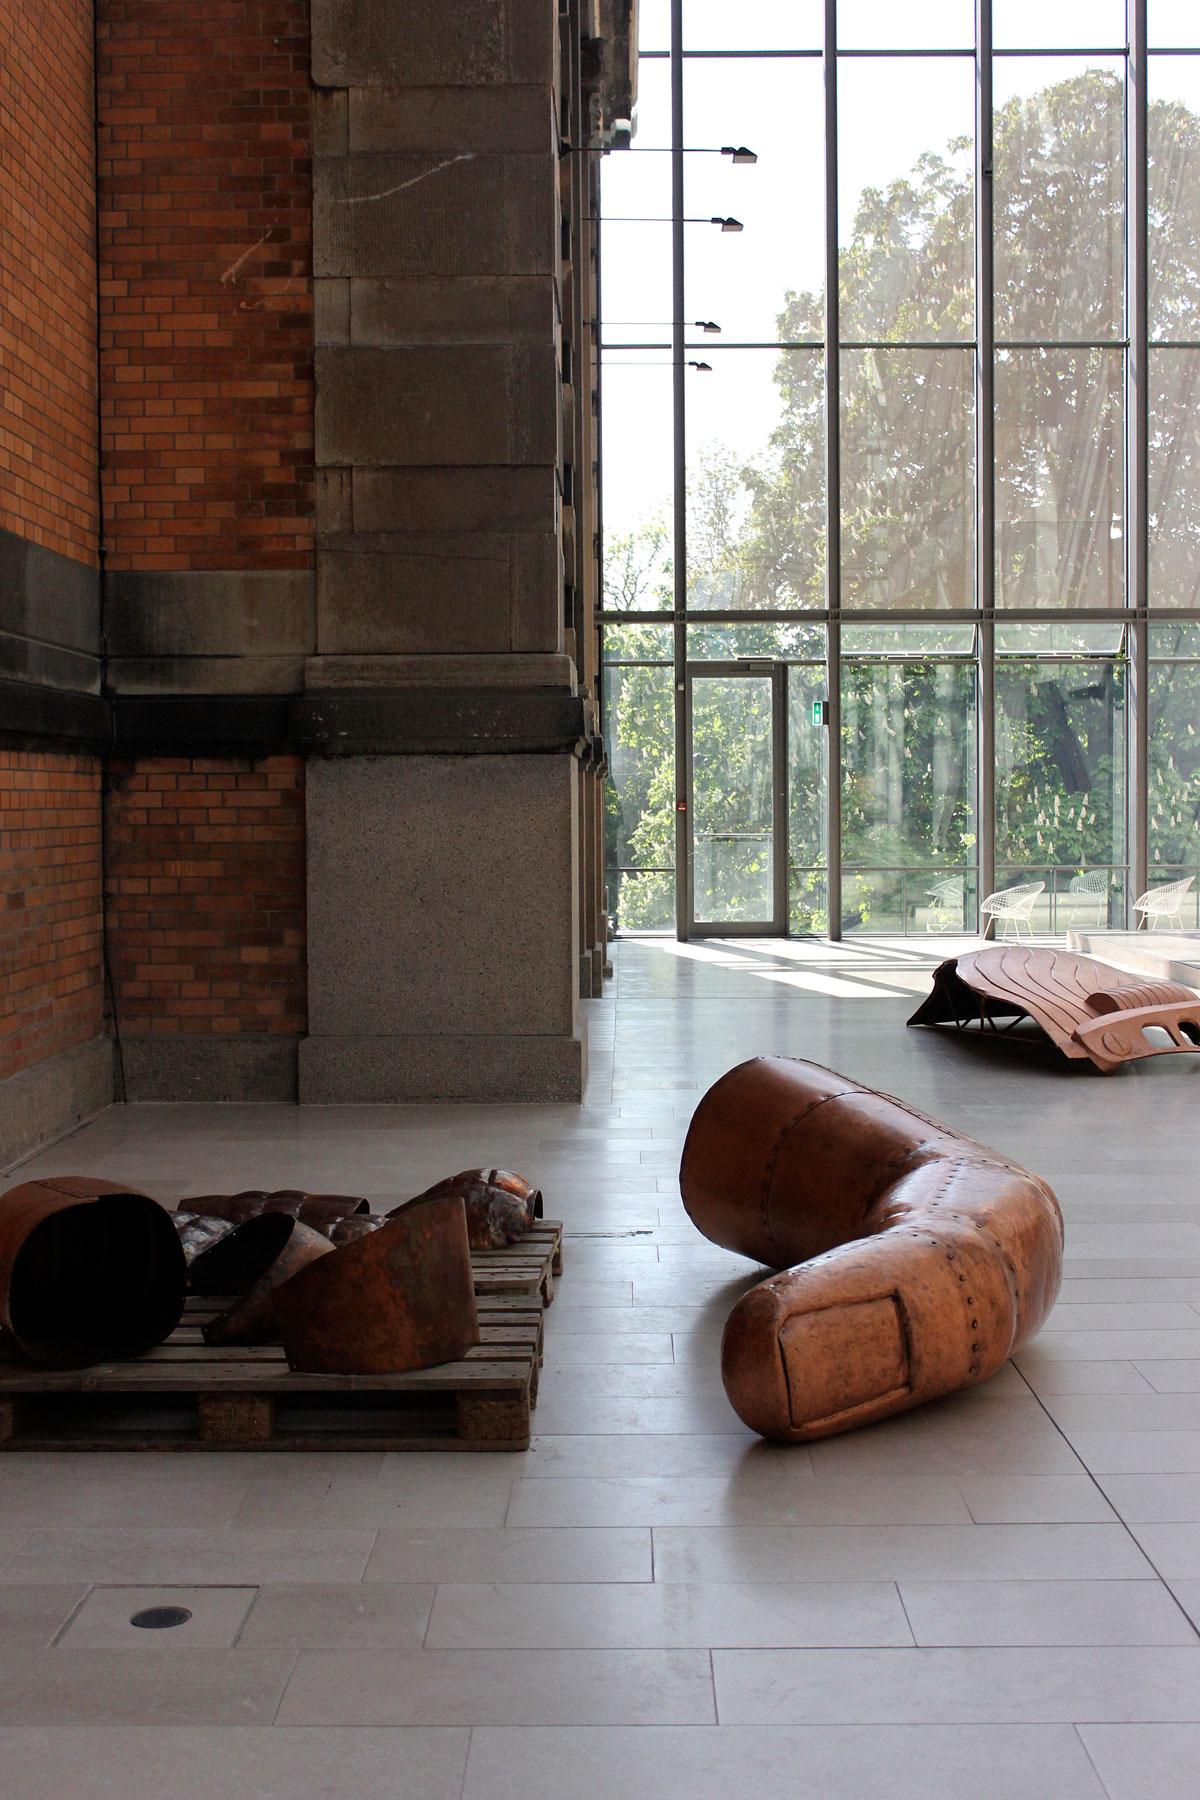 staaten-museum-for-kunst-part-2_5